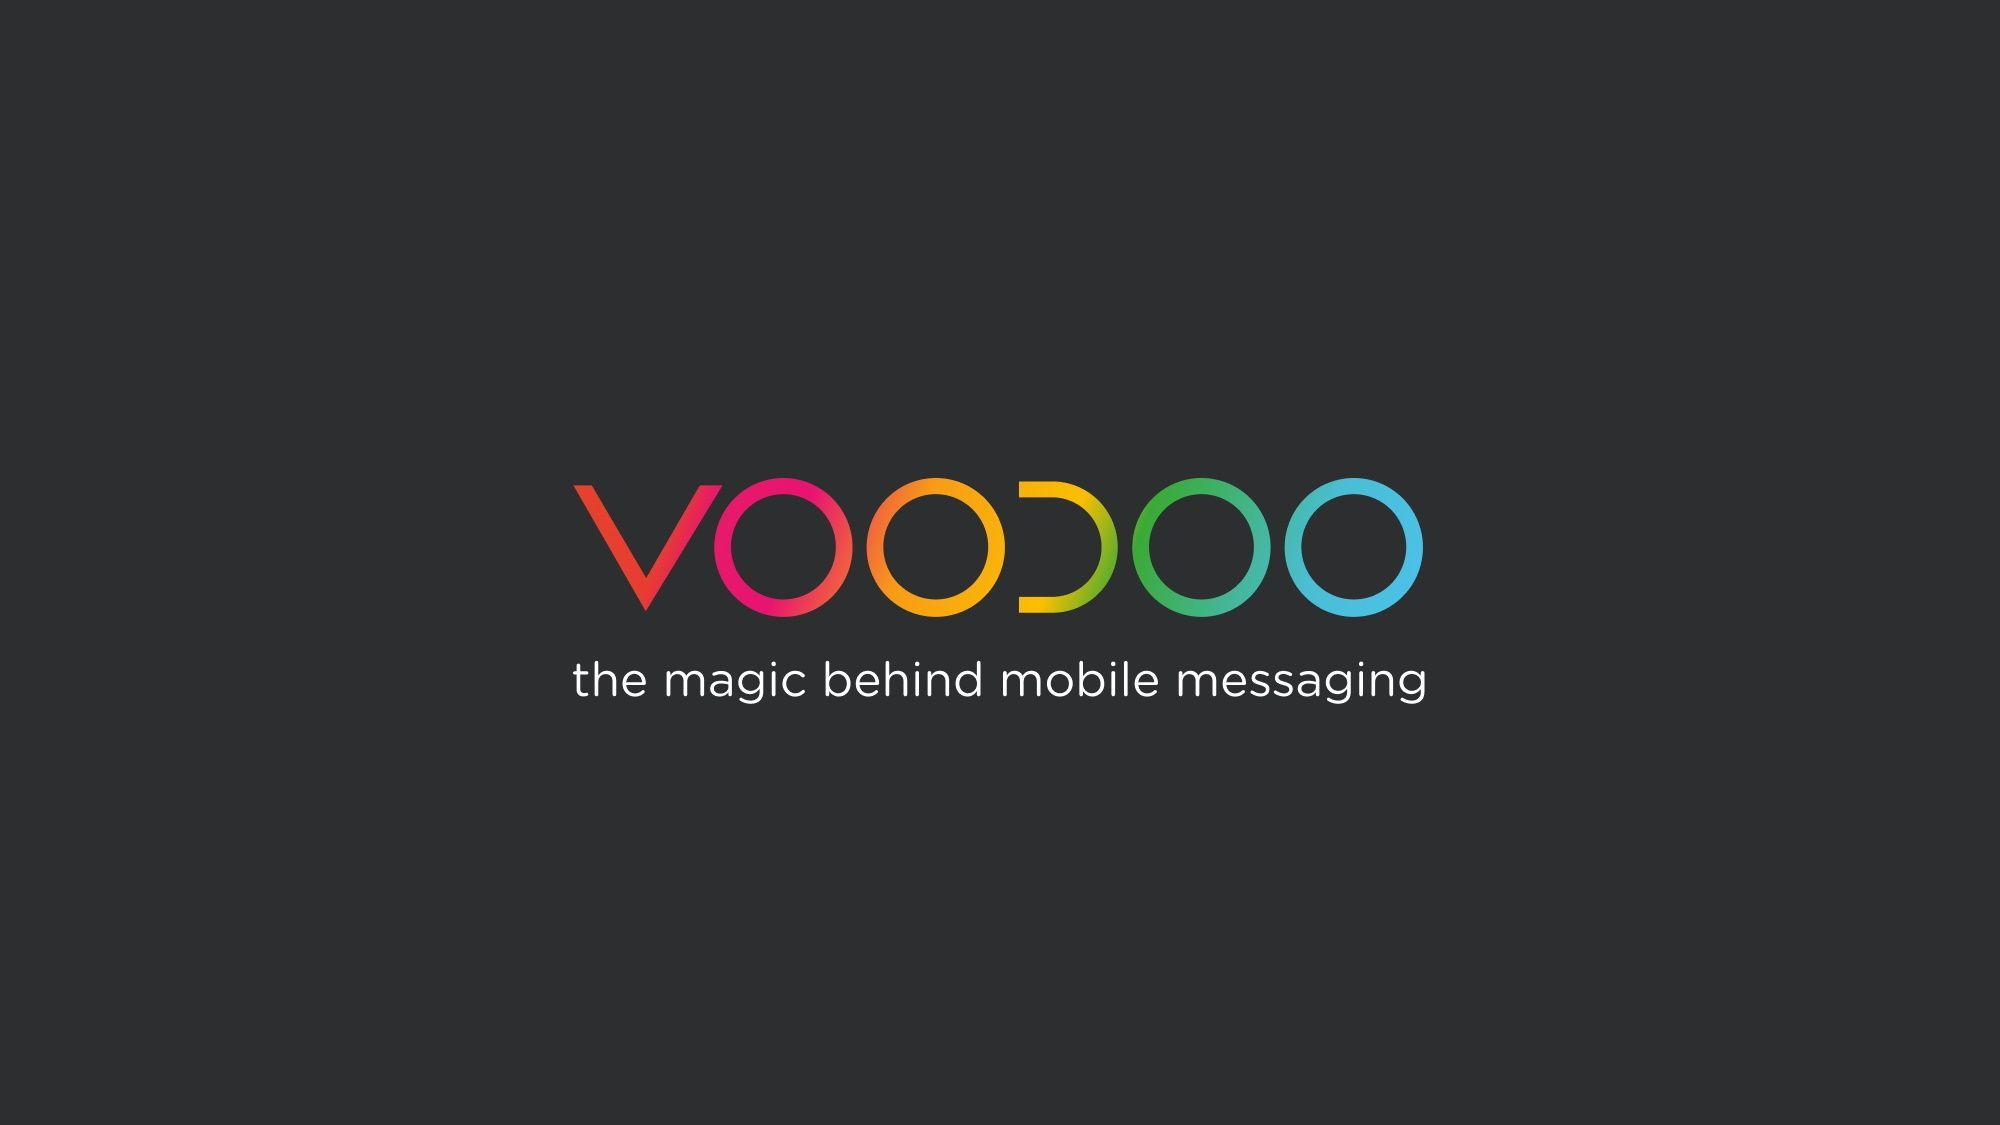 VOODOO defies lockdown gloom to record 400% increase in business sign ups